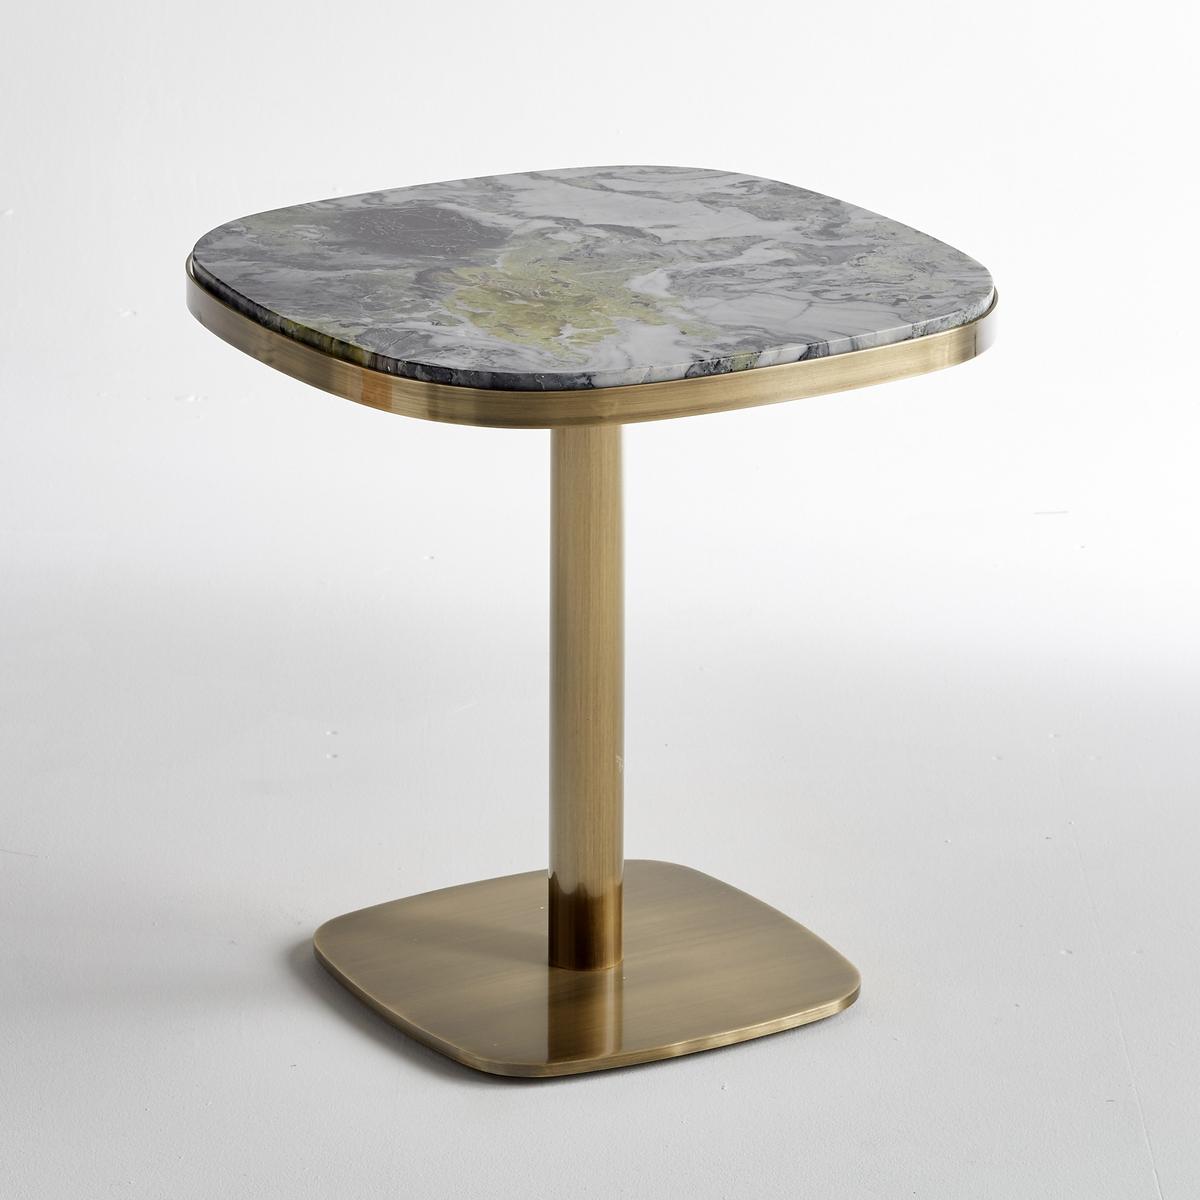 Столик LaRedoute Круглый Lixfeld из мрамора единый размер желтый